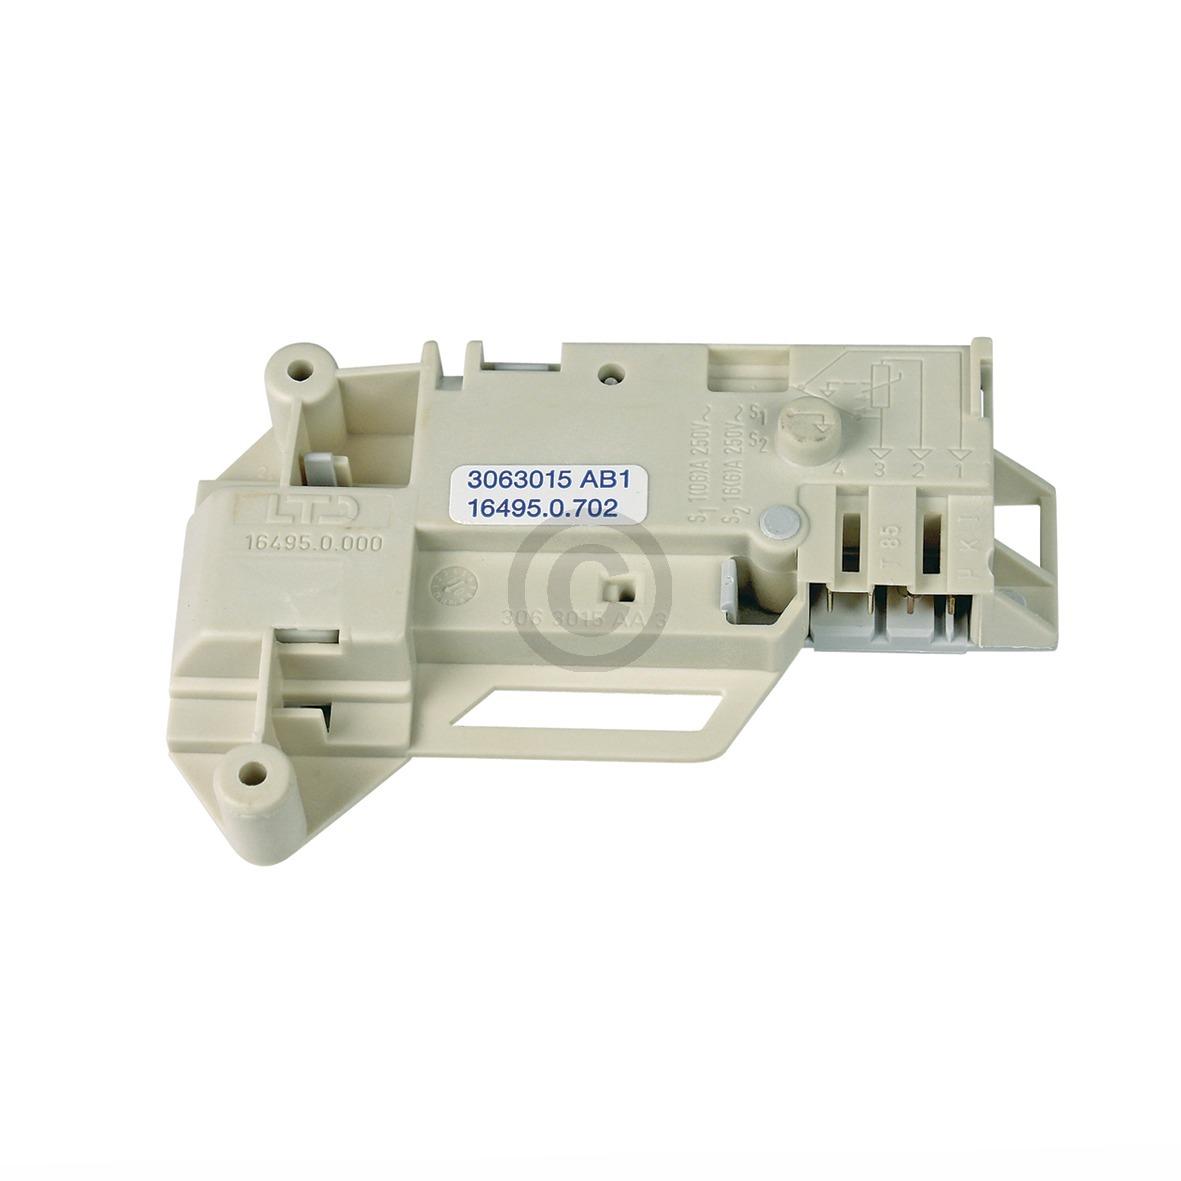 Verriegelungsrelais LTD 00056762 056762 Bosch, Siemens, Neff